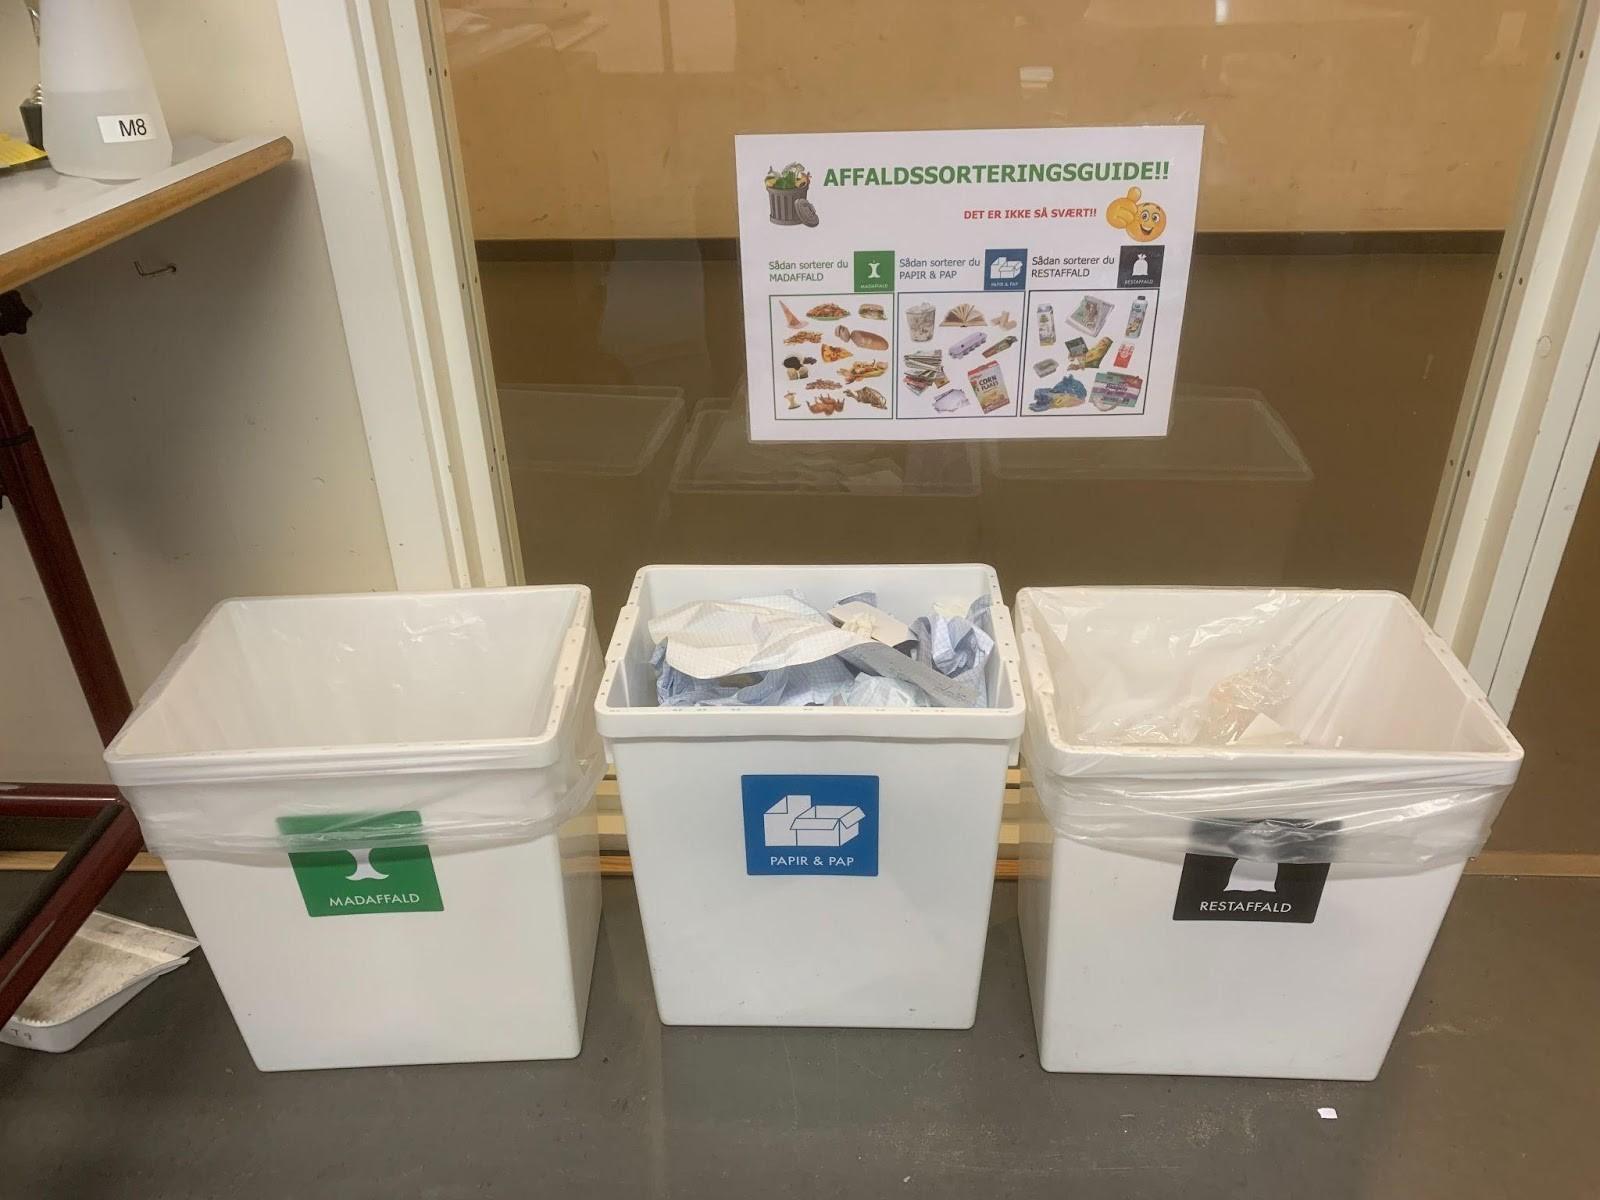 Affaldssorteringsguide og tre spande til hhv. madaffald, papir/pap og restaffald